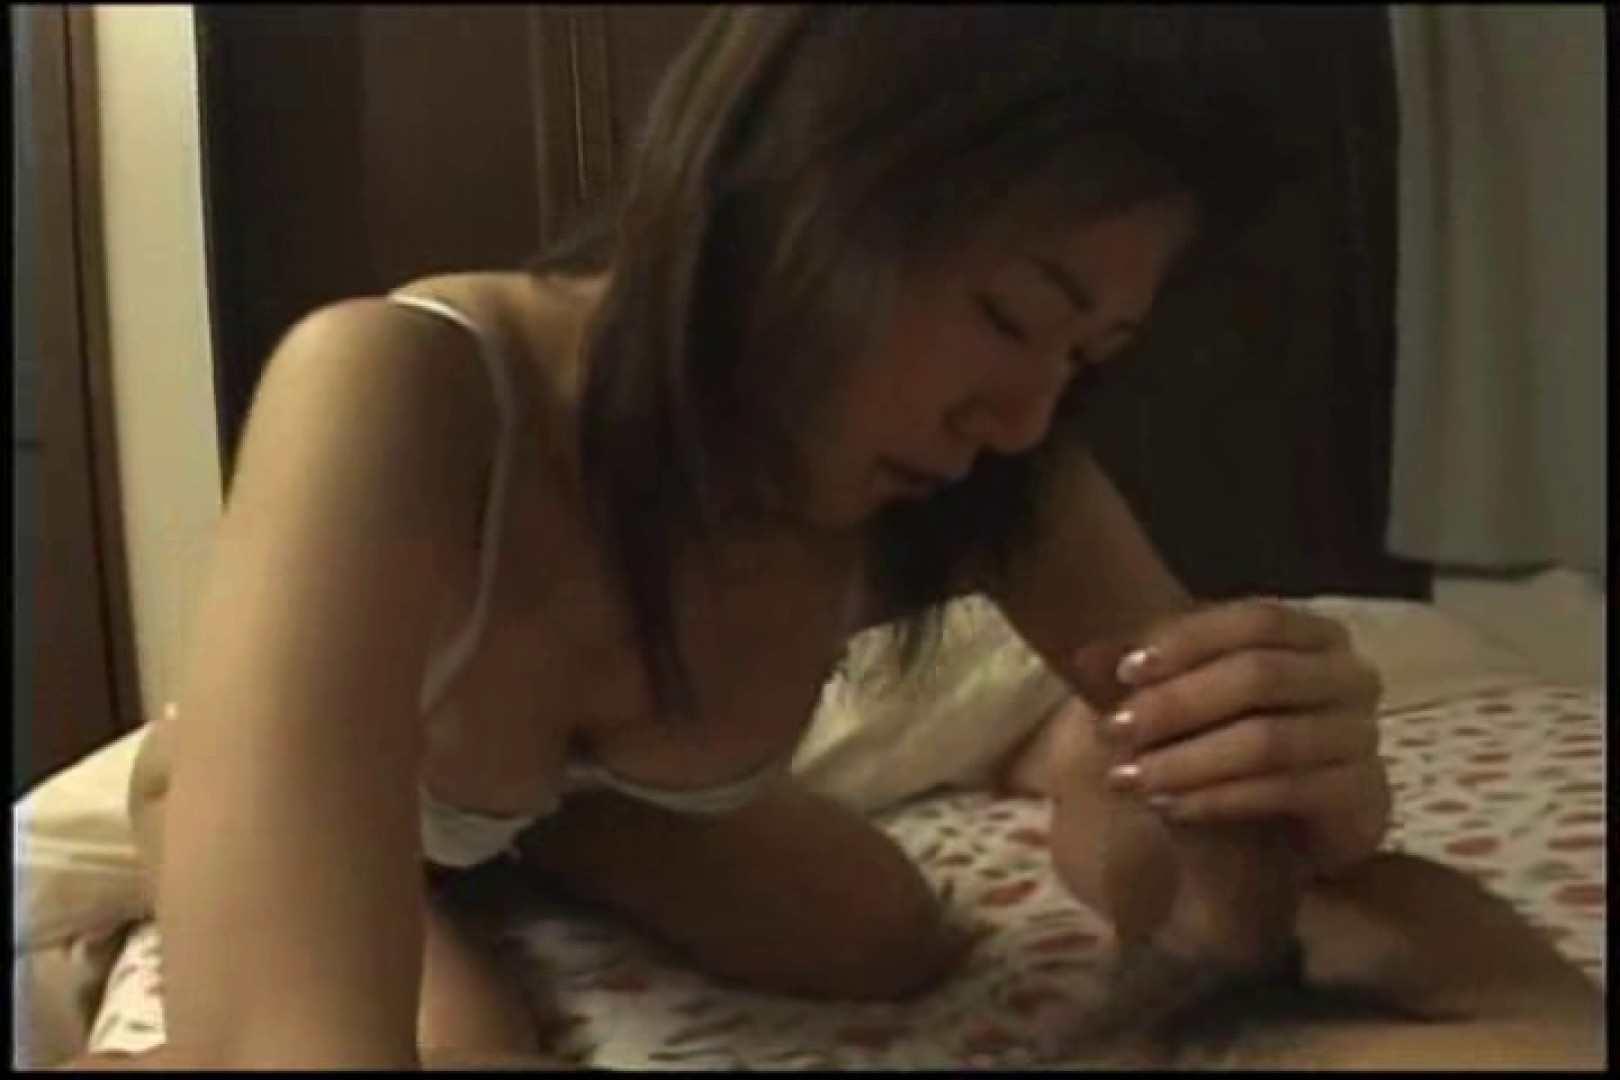 自慰行為中の乳首の起ちっぷりがセクシー 早川葉子 シャワー   オナニーDEエッチ  65PIX 55